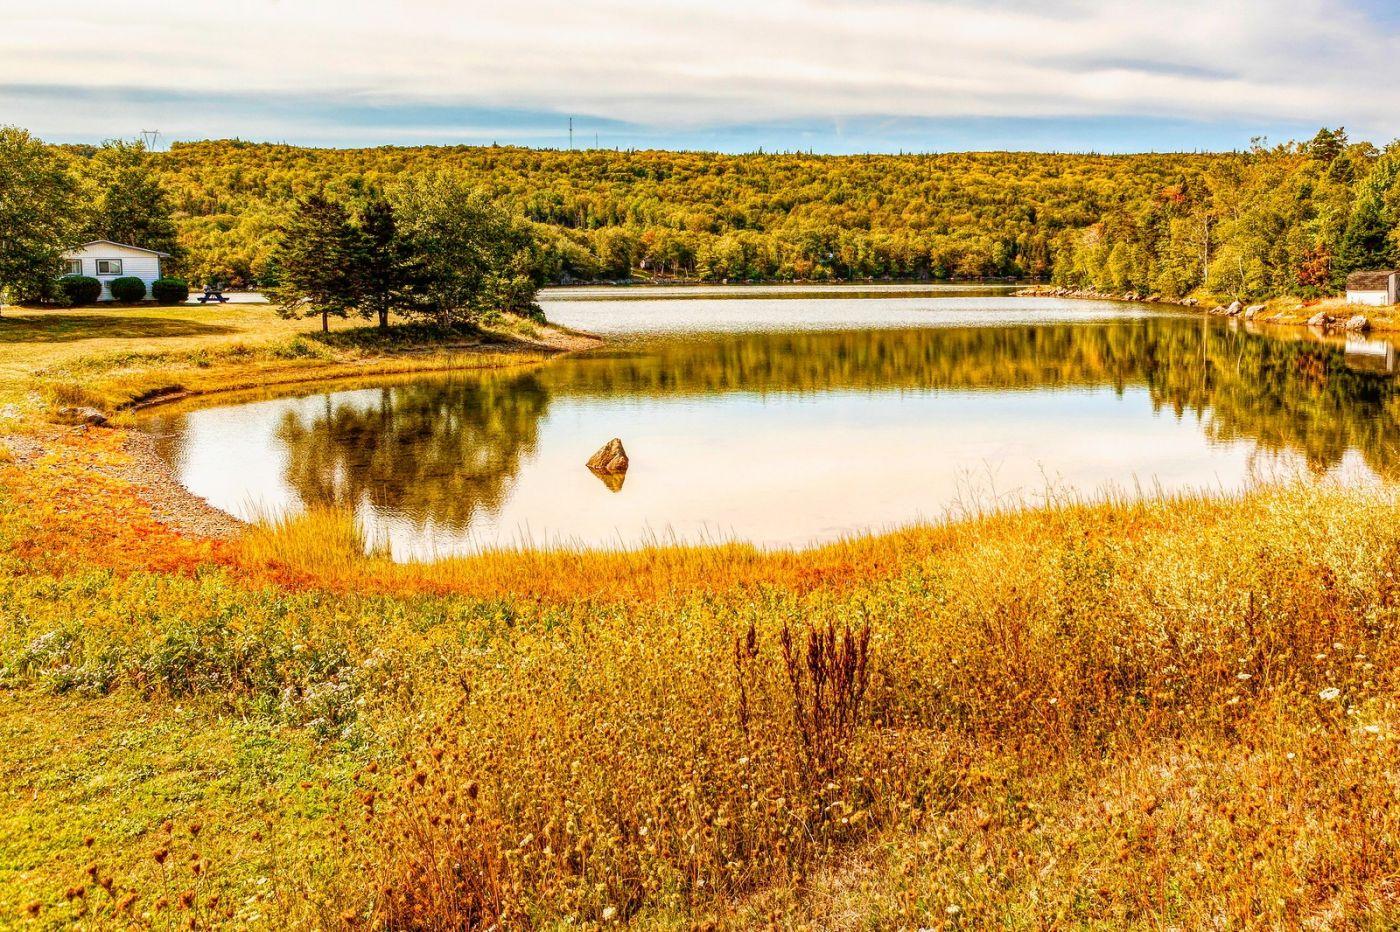 加拿大路途,水边抓拍_图1-8